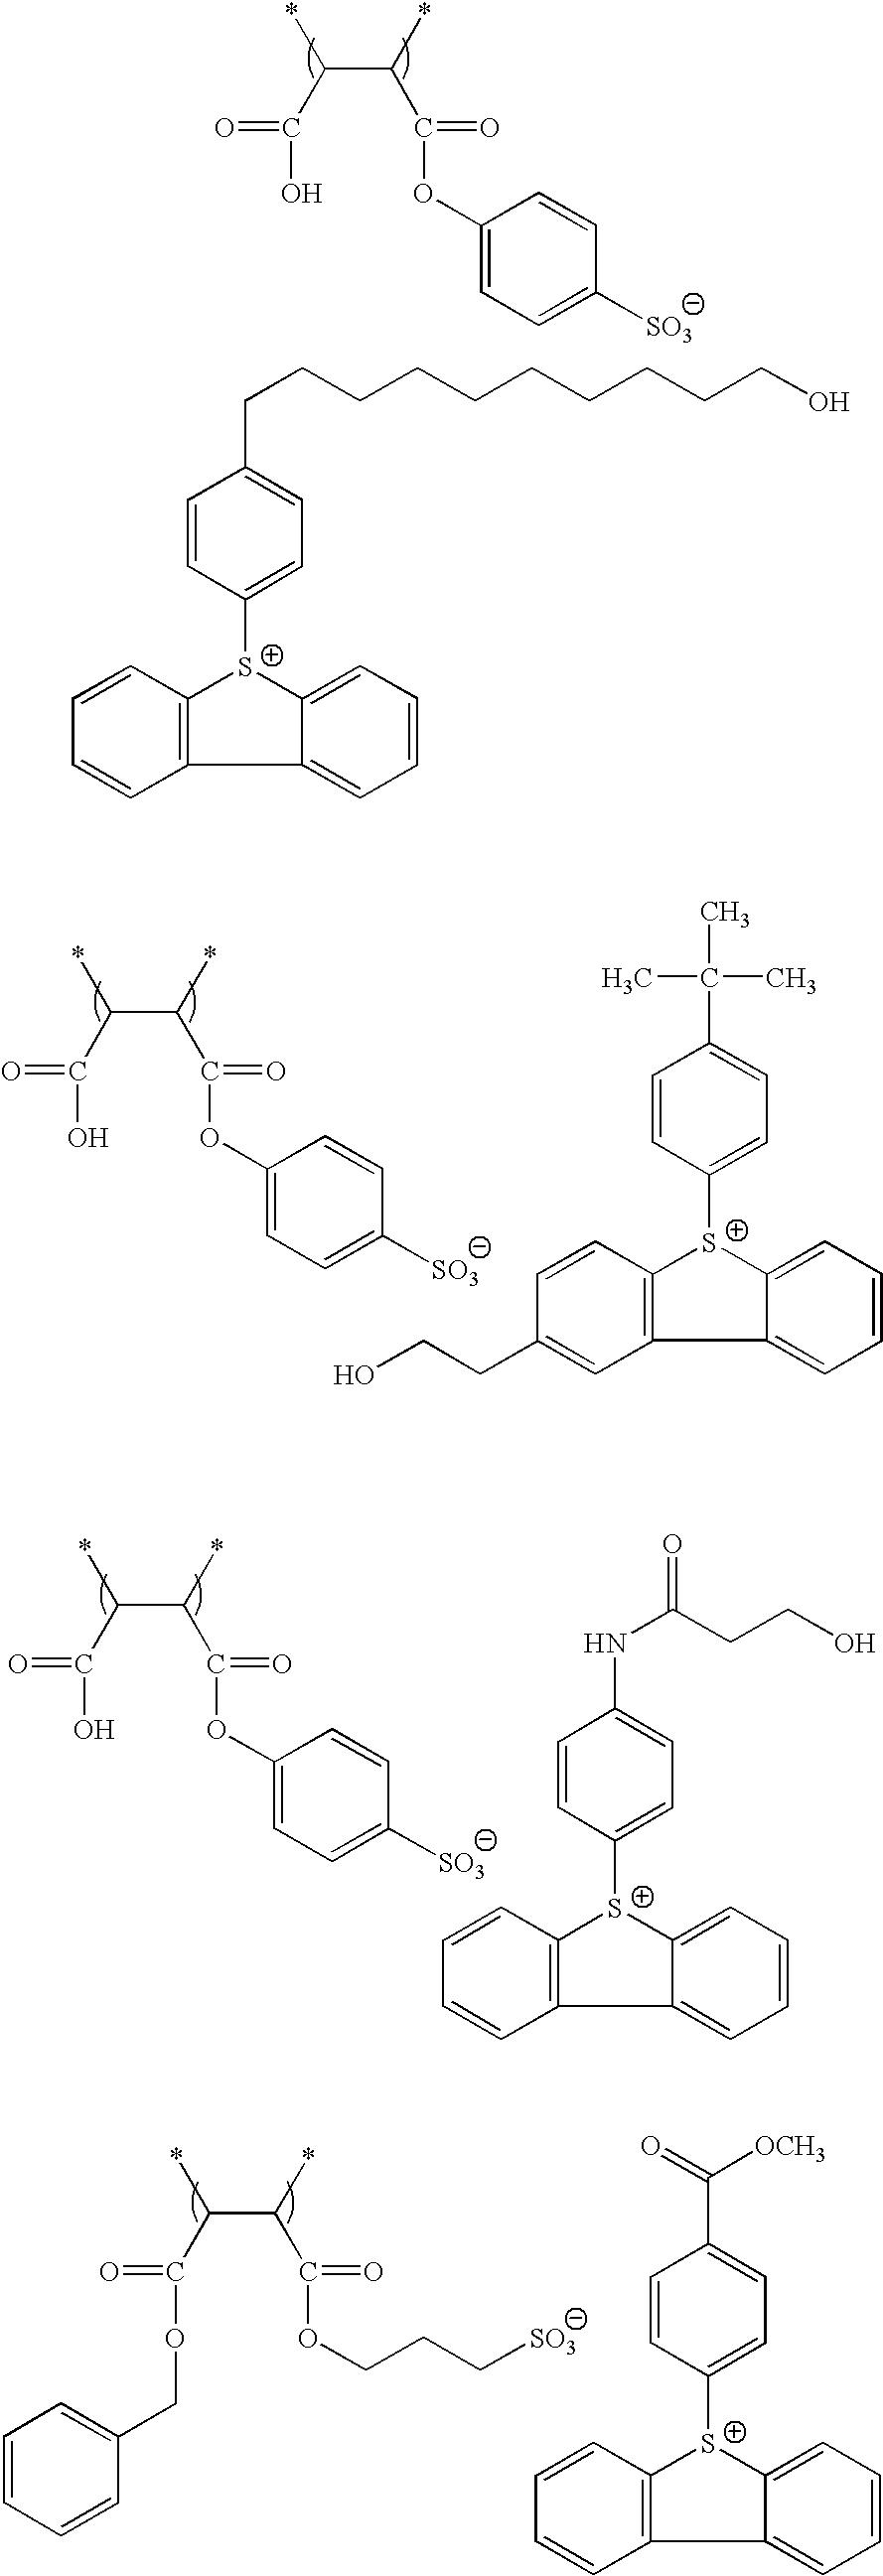 Figure US08852845-20141007-C00078